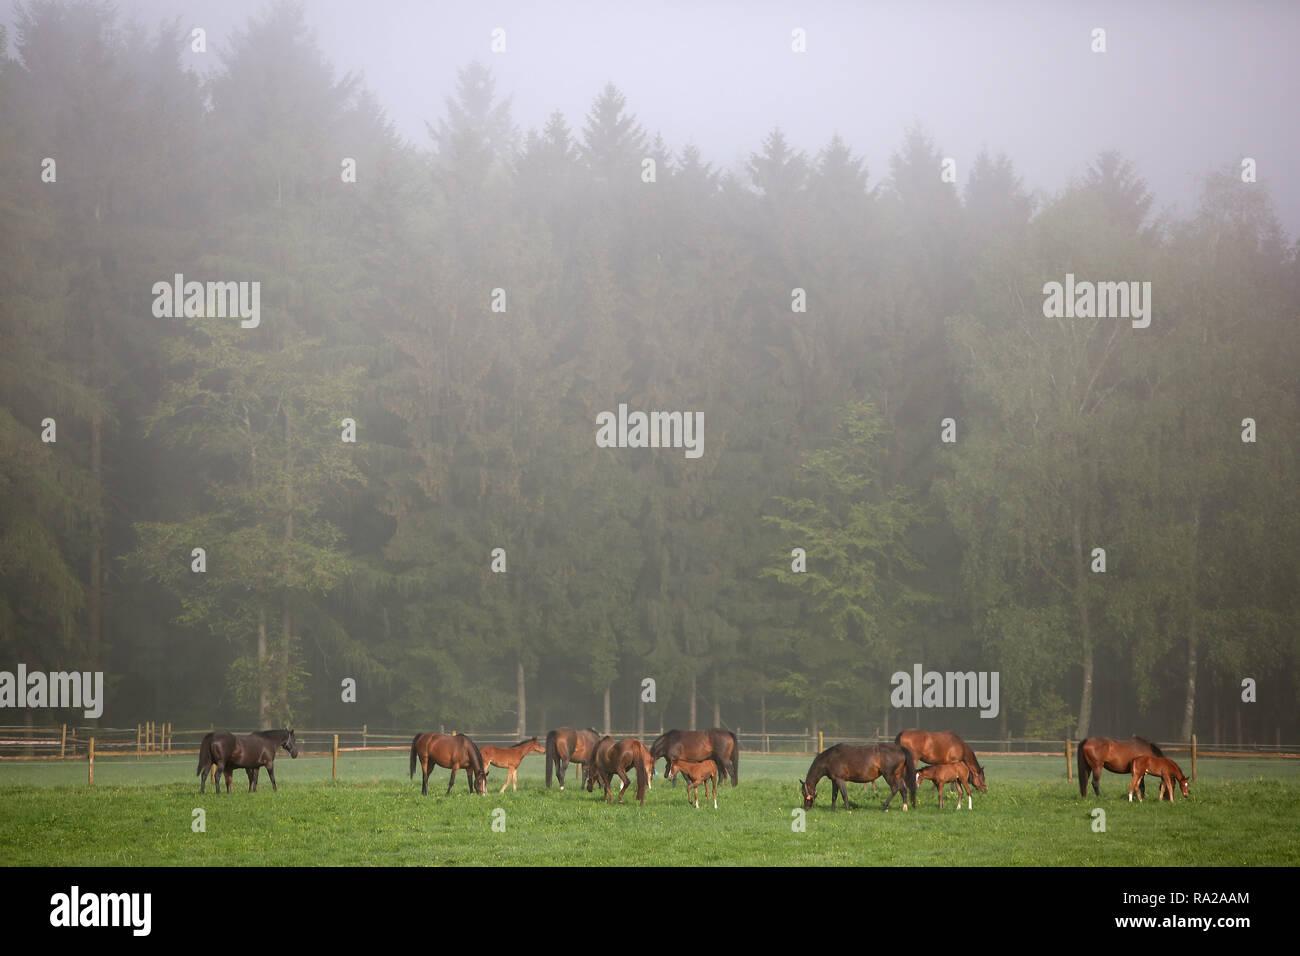 24.04.2018, Hessen, Gestuet Etzean, Stuten und Fohlen bei Nebel auf der Weide. 00S180424D156CARO.JPG [MODEL RELEASE: NOT APPLICABLE, PROPERTY RELEASE: - Stock Image